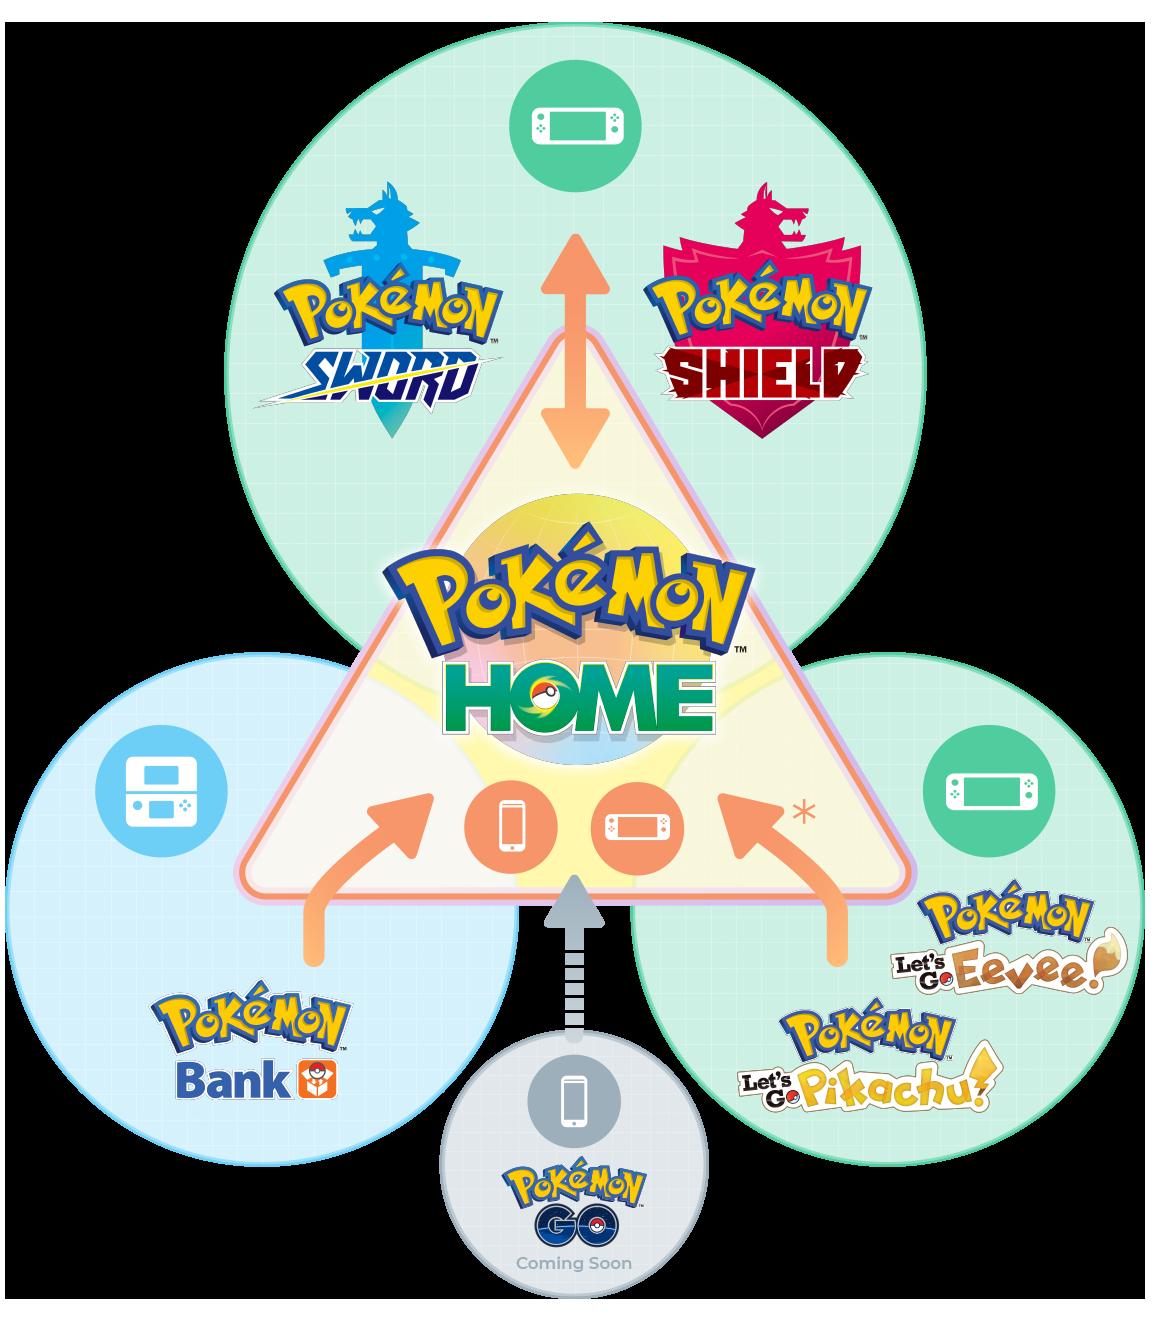 Une infographie de Pokémon Home